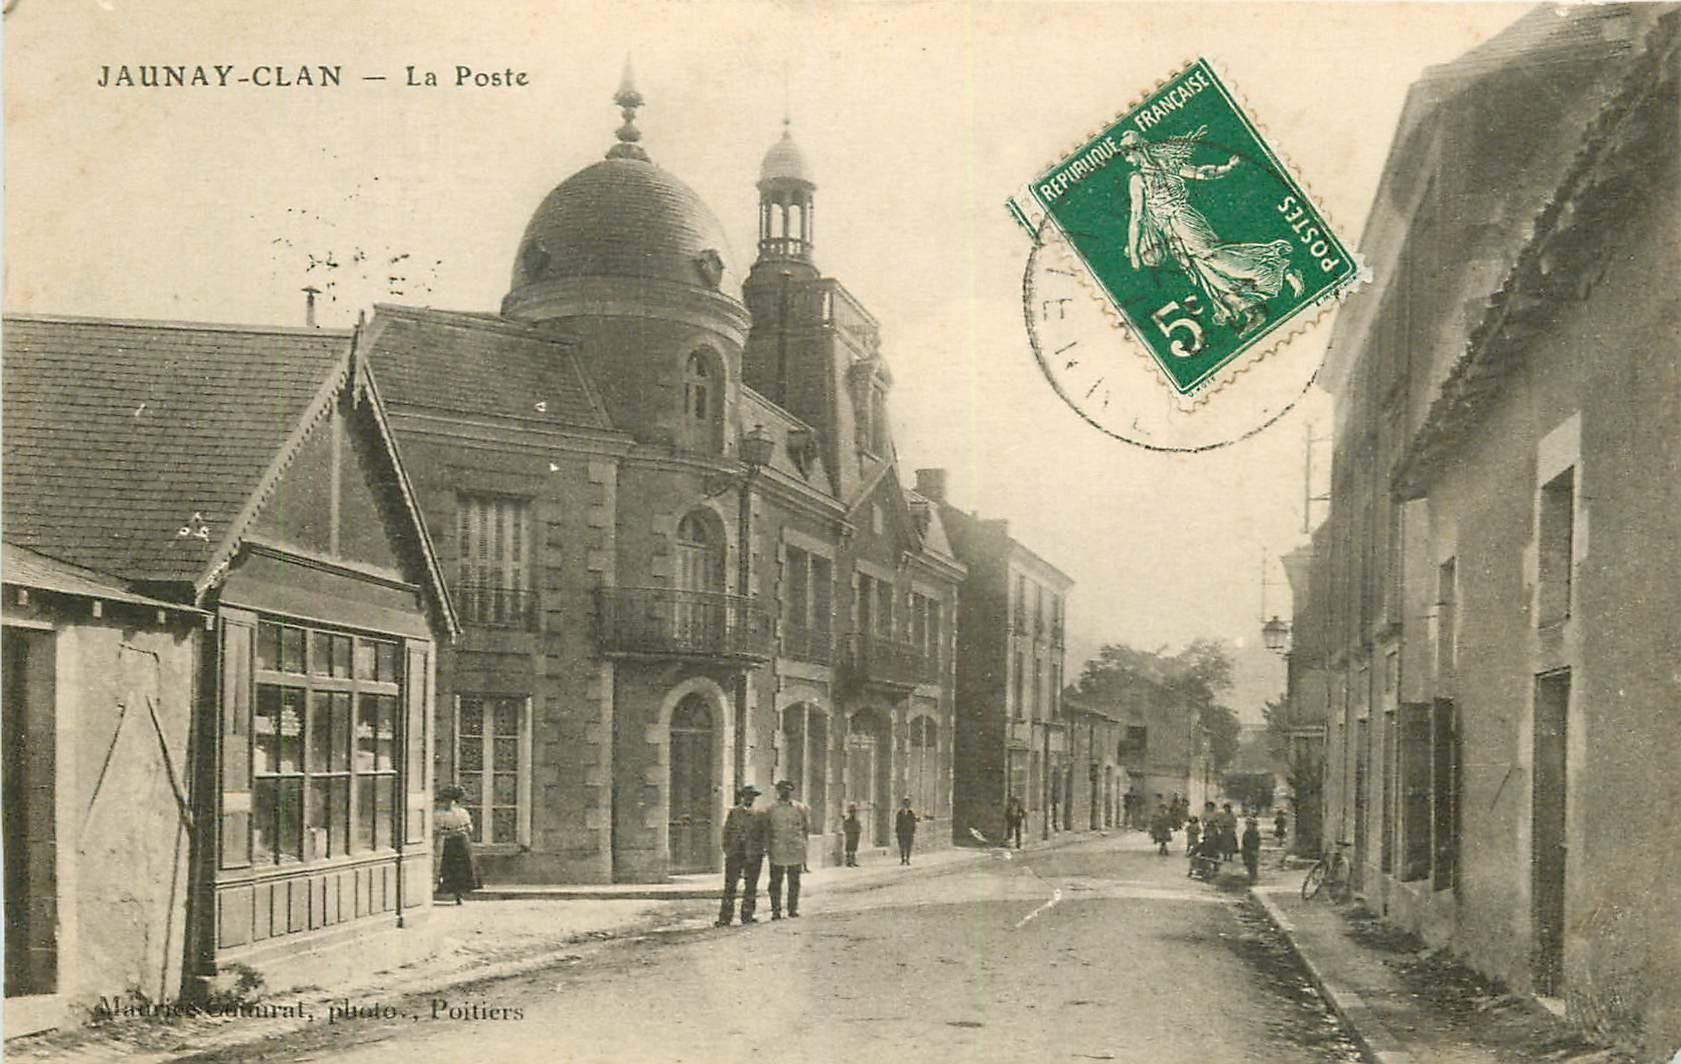 WW 86 JAUNAY-CLAN. La Poste 1912